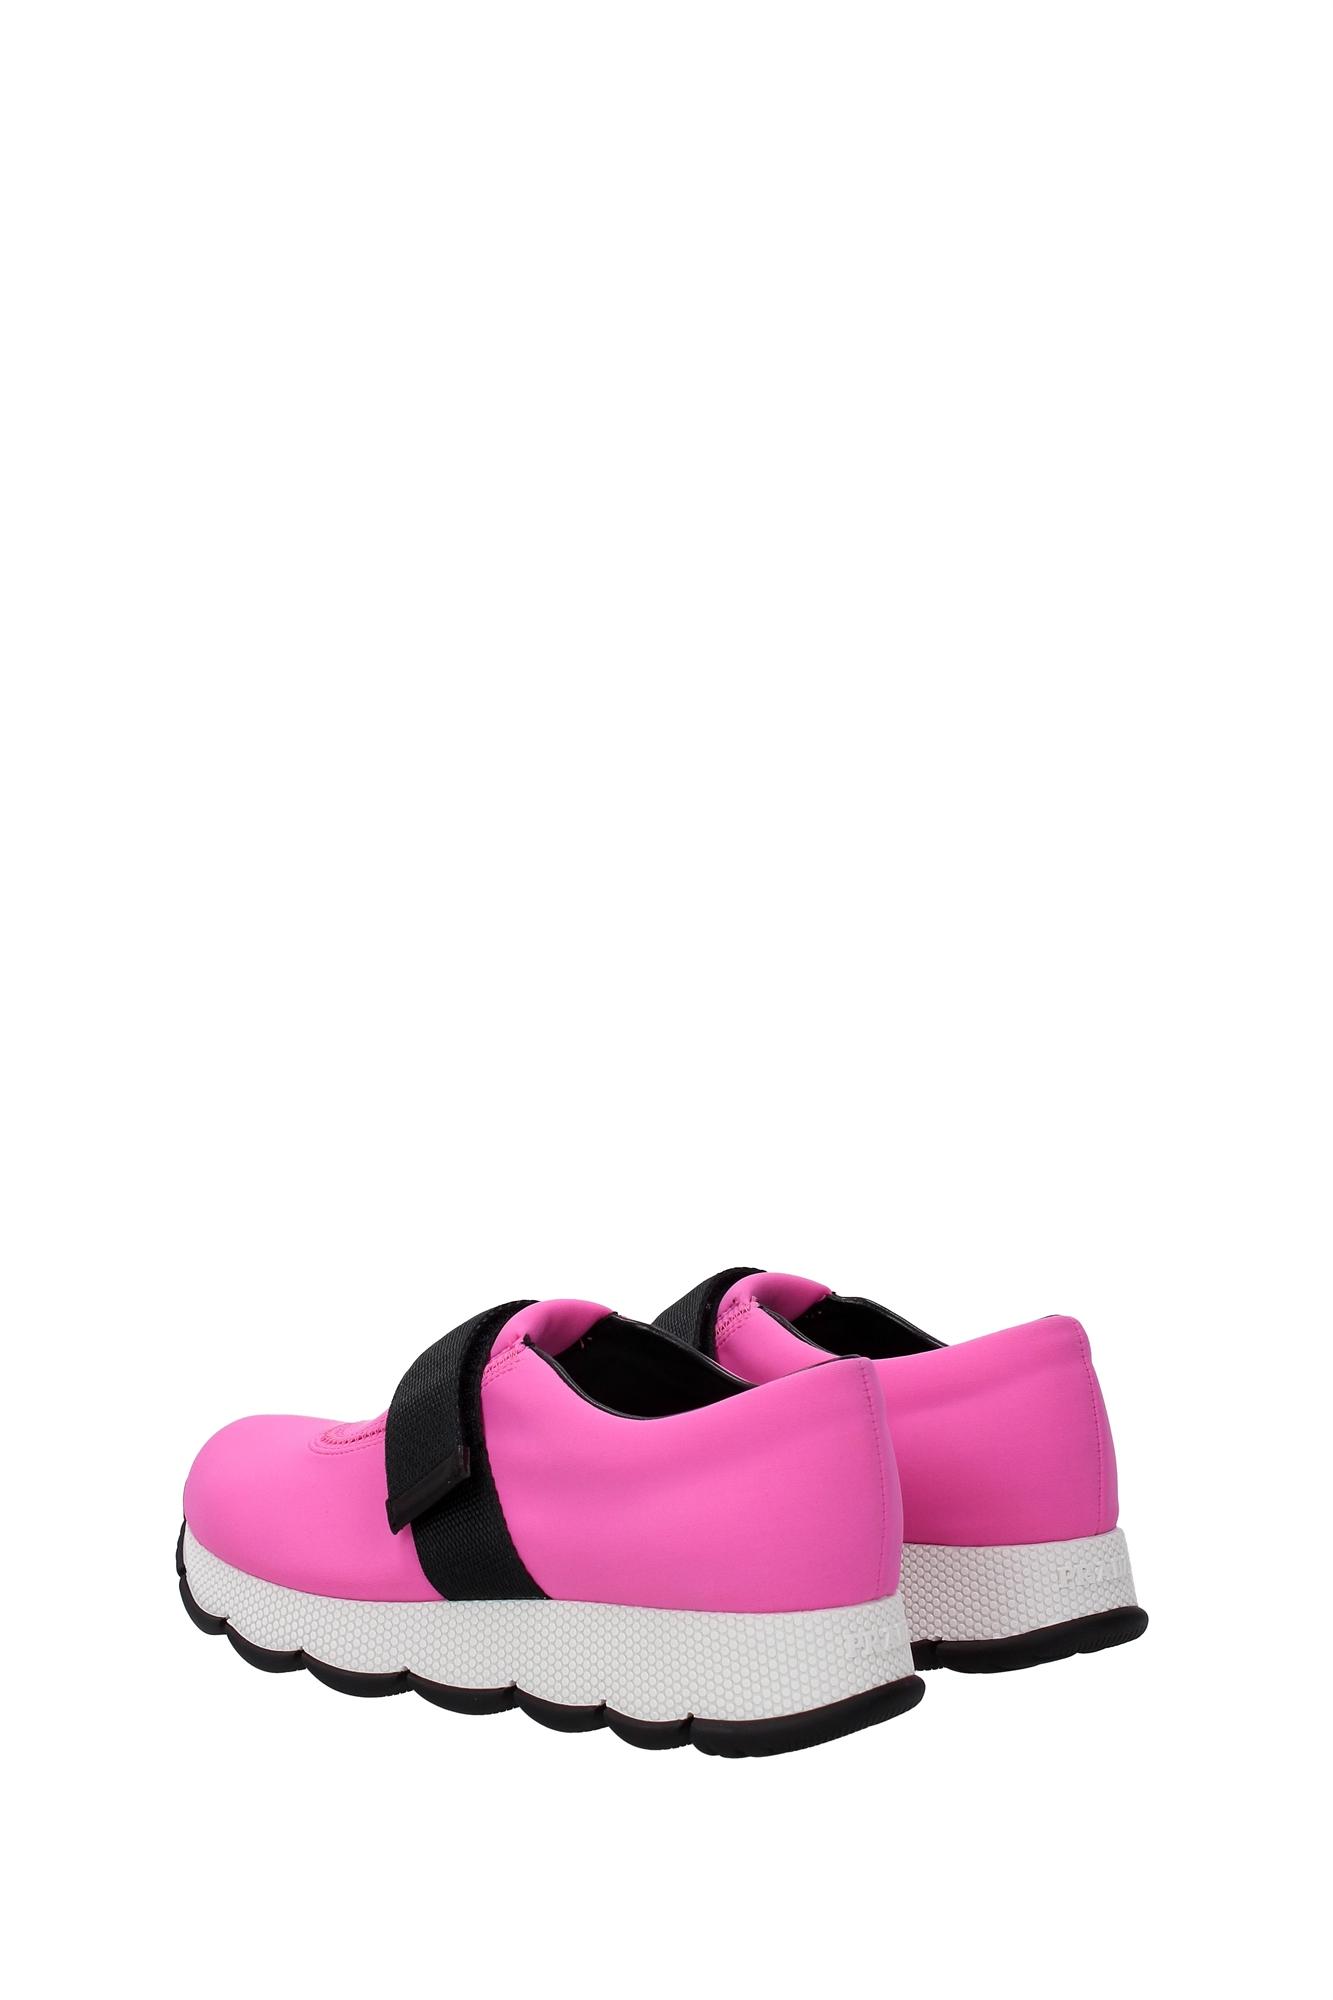 sneakers prada fabric pink 3s6179begonia ebay